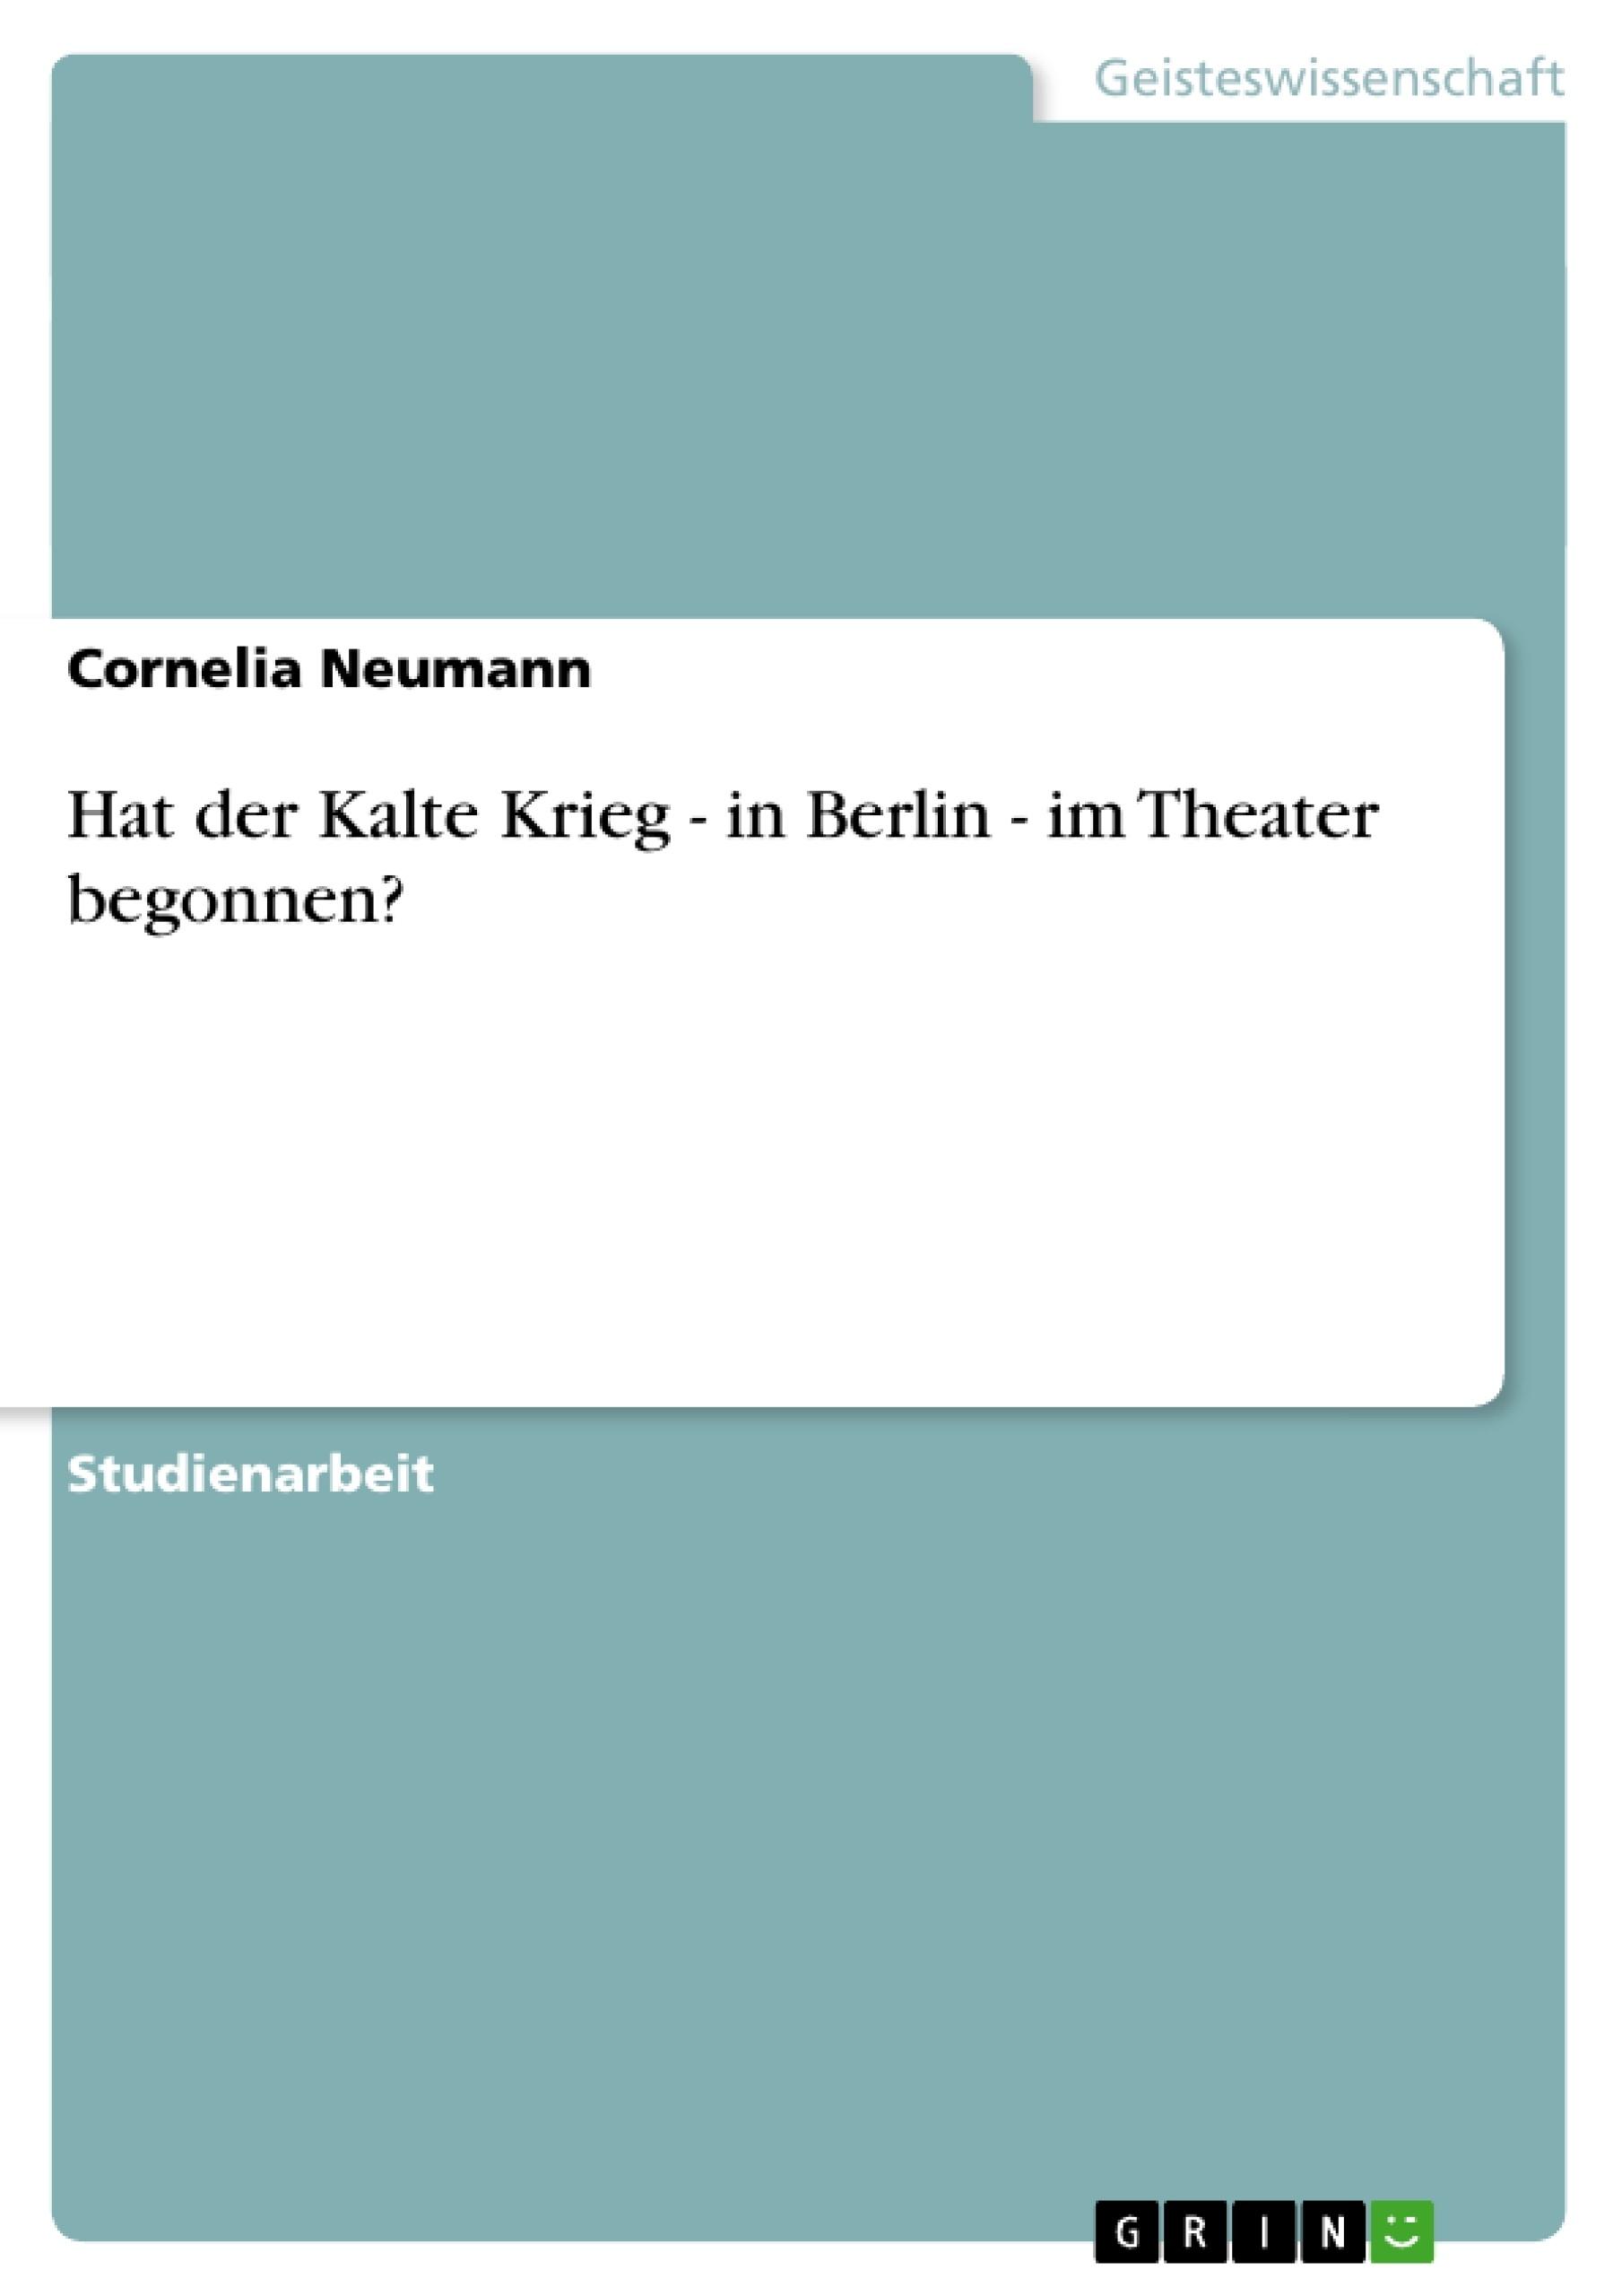 Titel: Hat  der Kalte Krieg - in Berlin - im Theater begonnen?